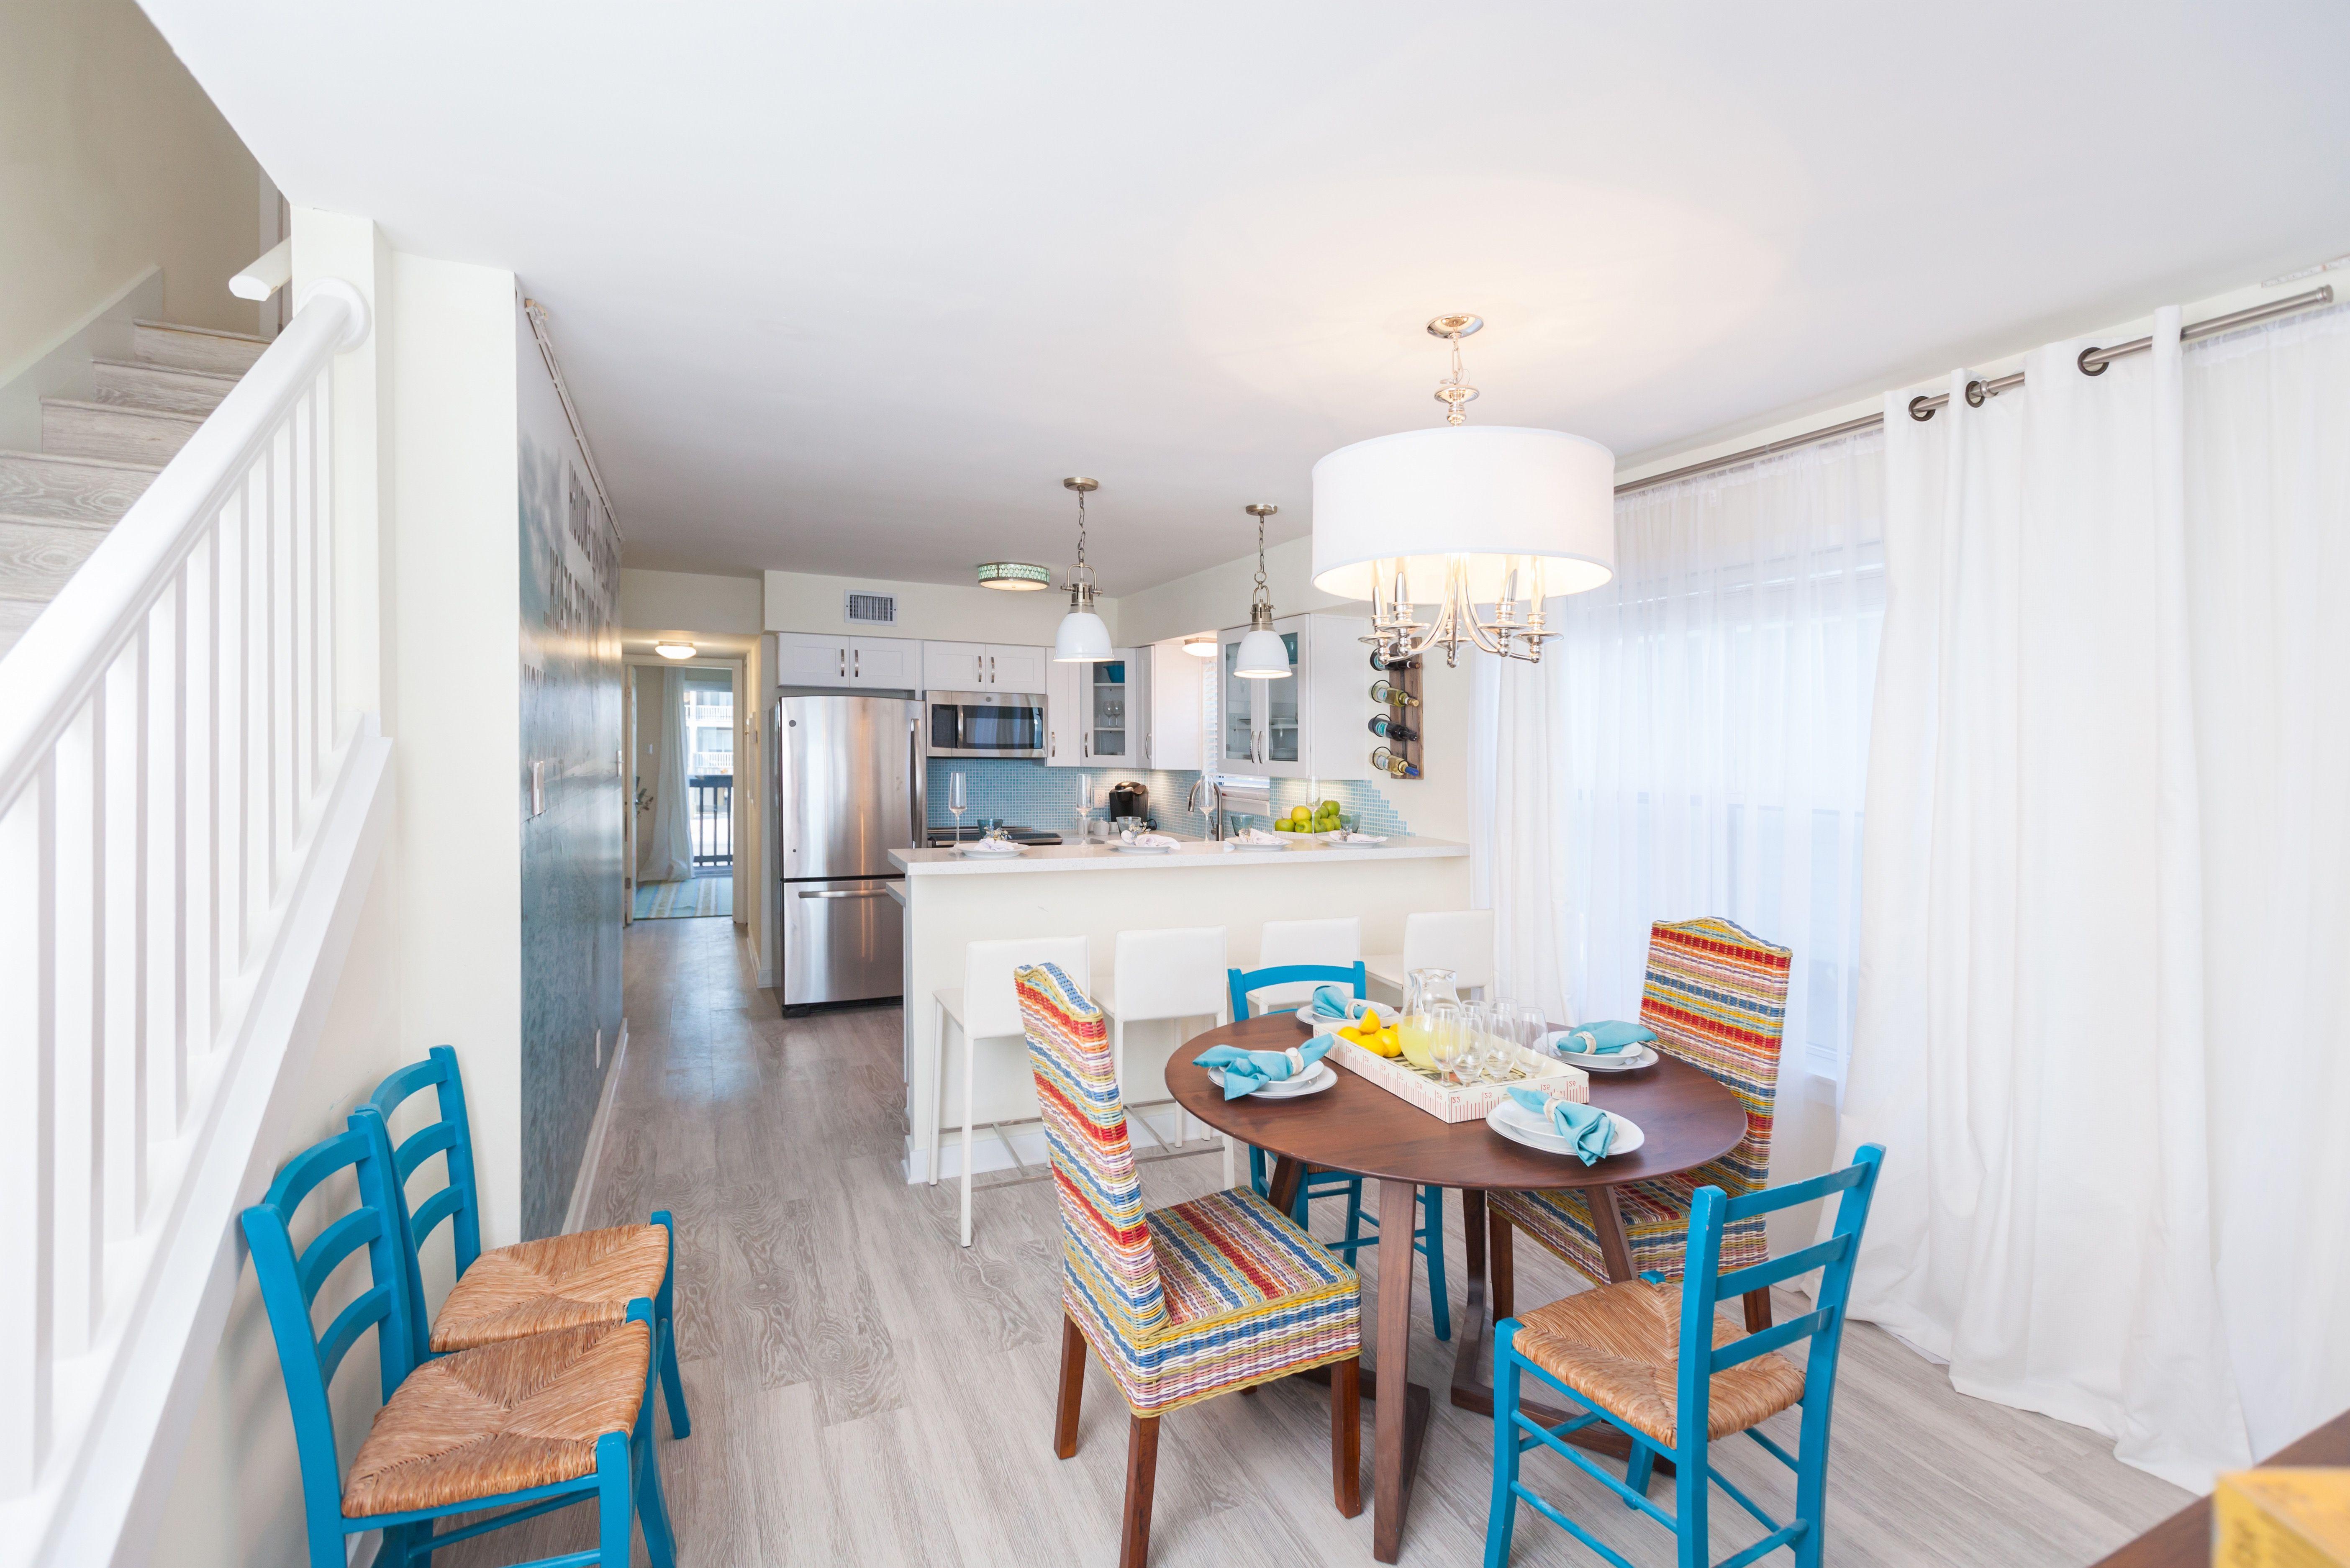 20 Esszimmer und Küche Interieur Ideen Combo | Küchen | Pinterest